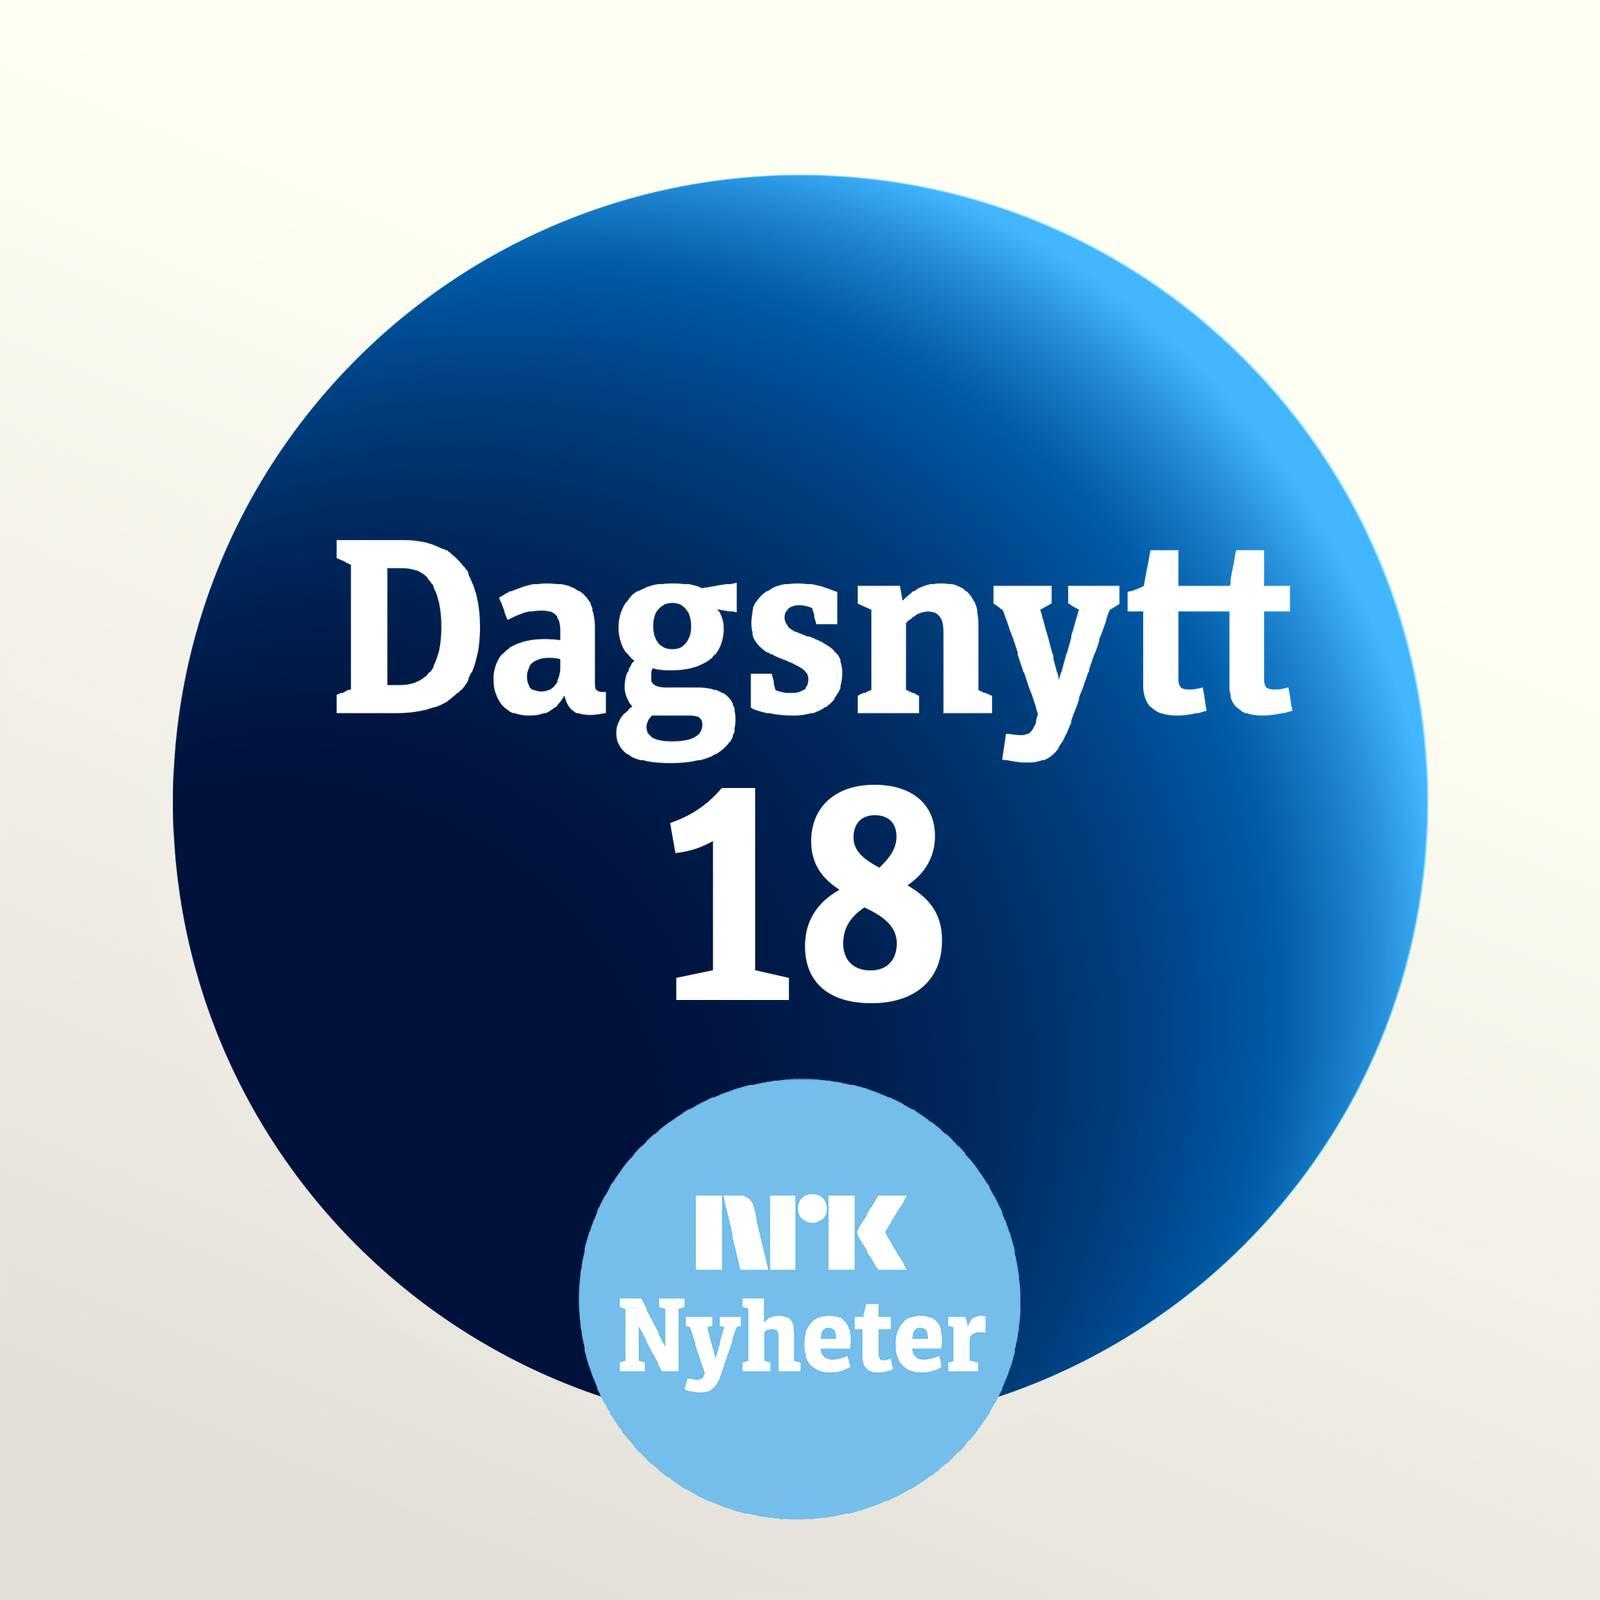 Dagsnytt 18